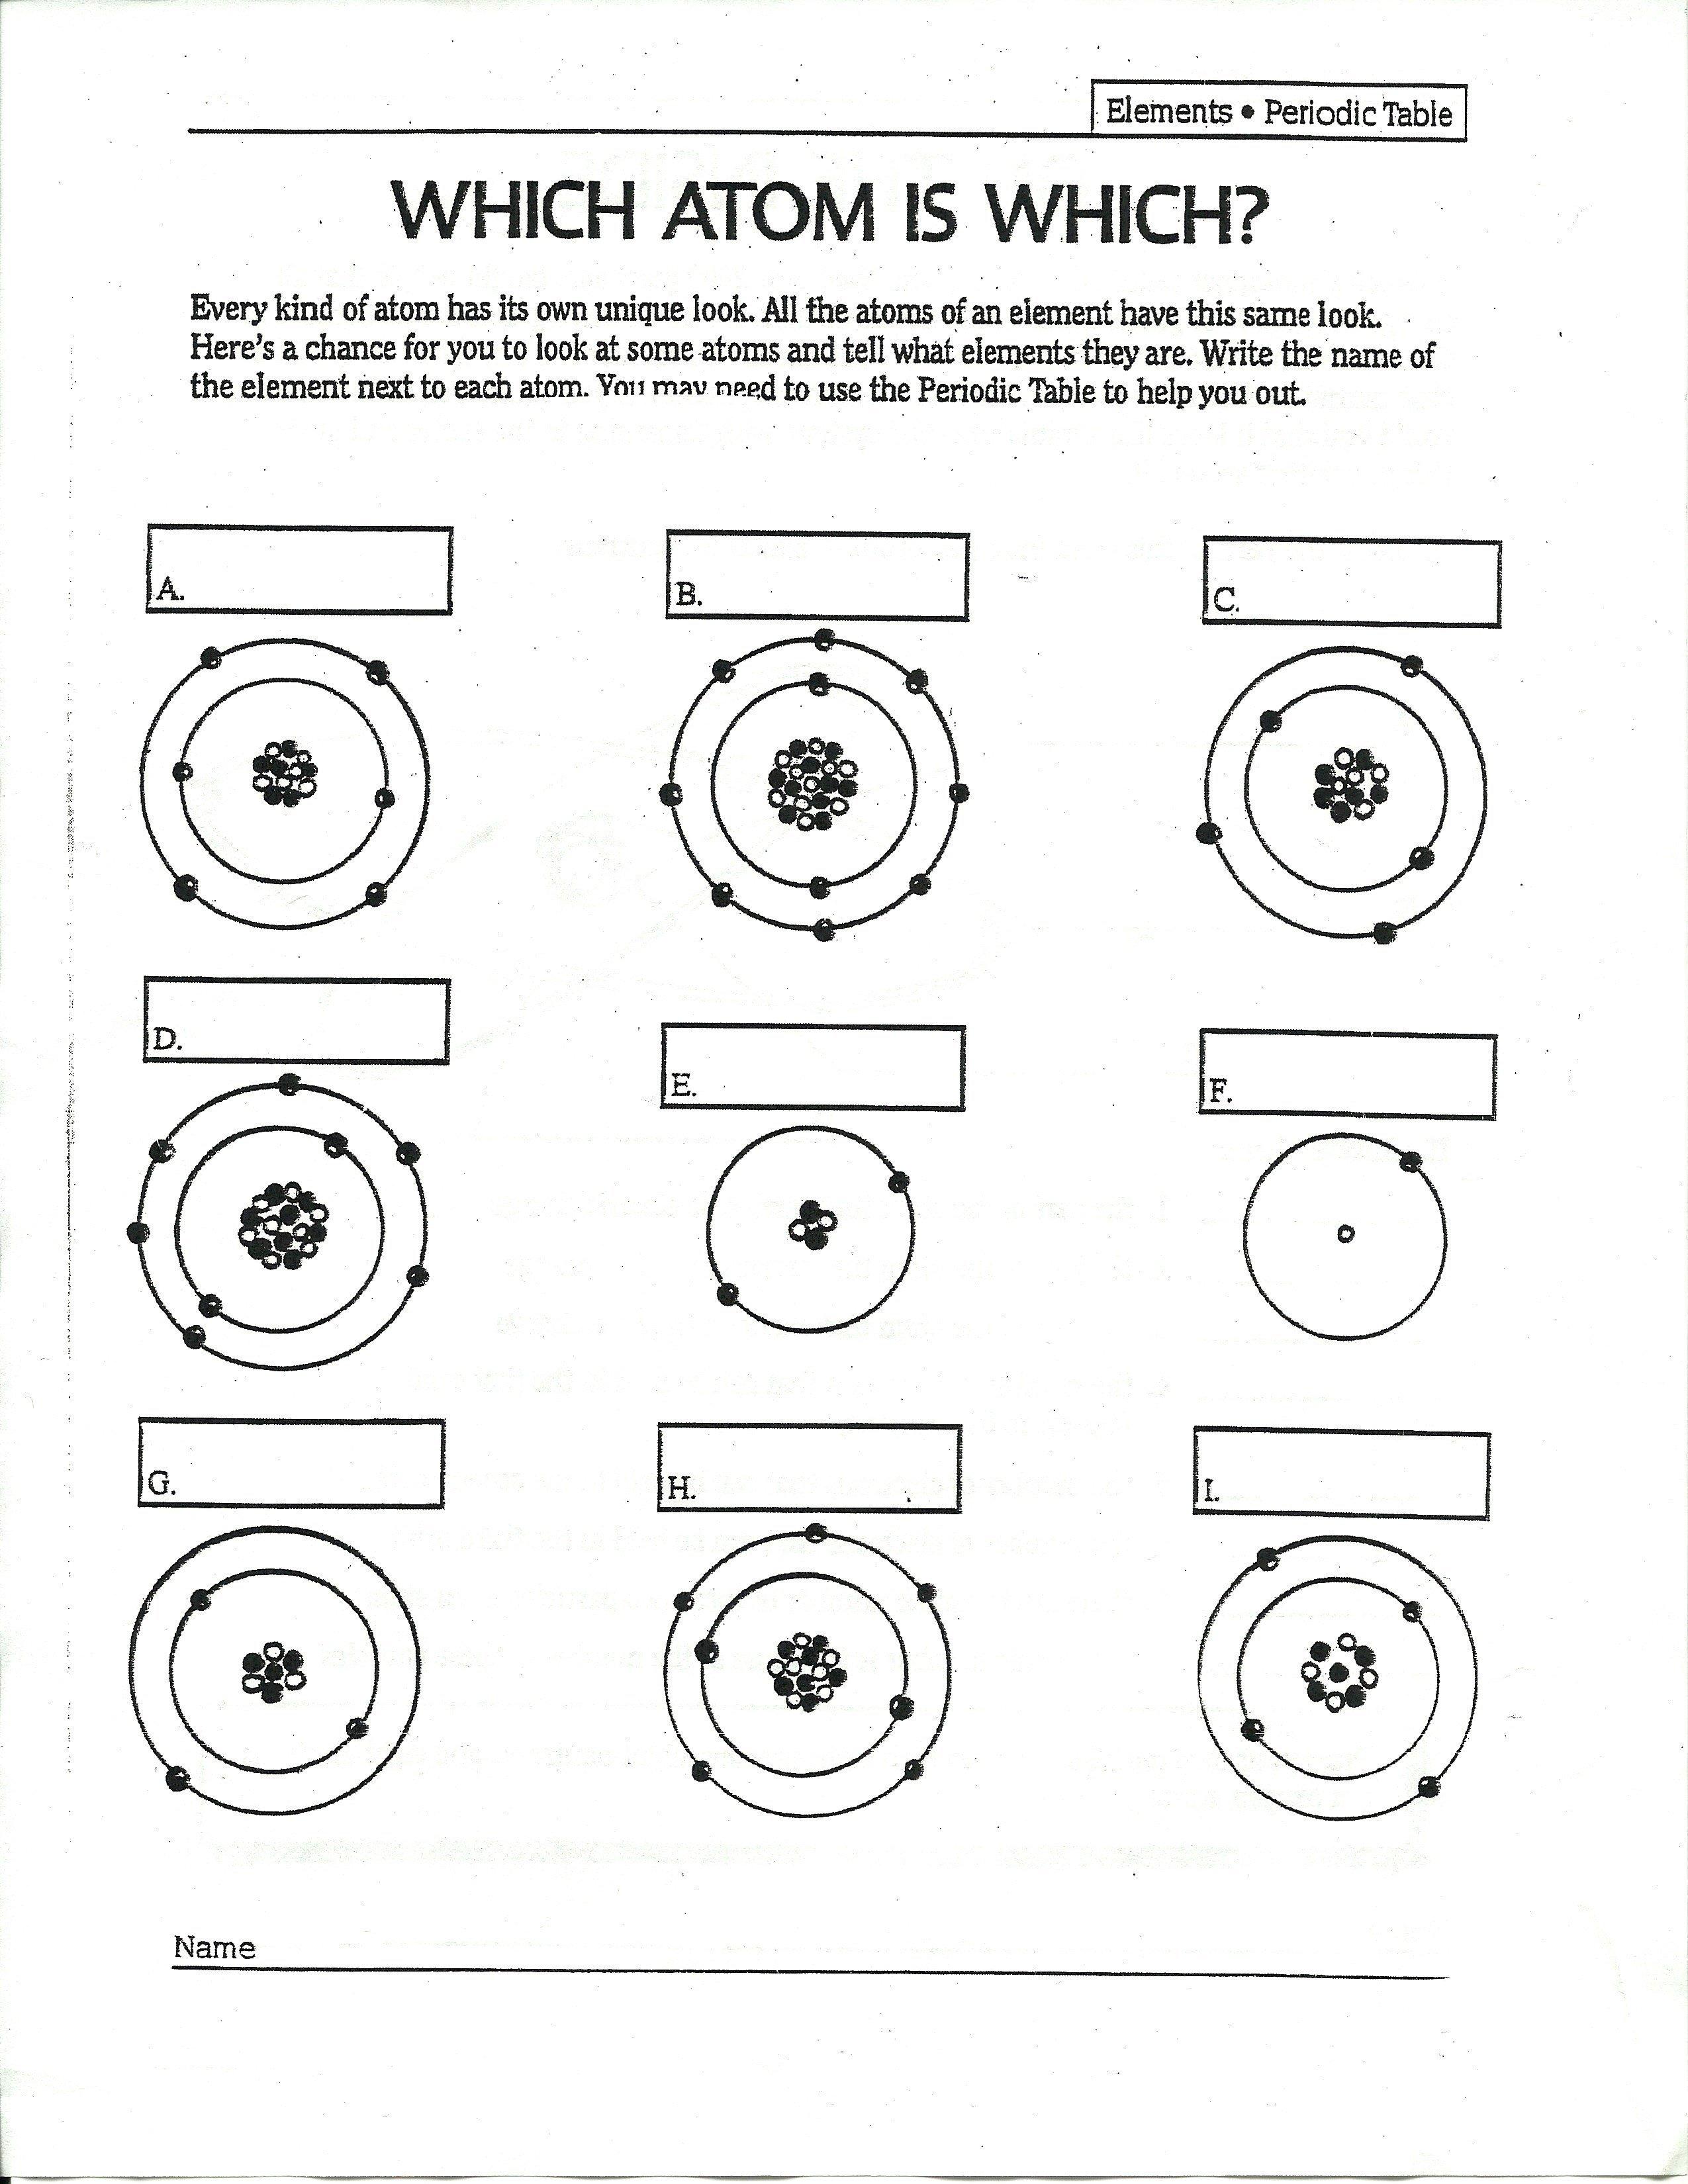 Labeling An Atom Worksheets Free Worksheets Samples